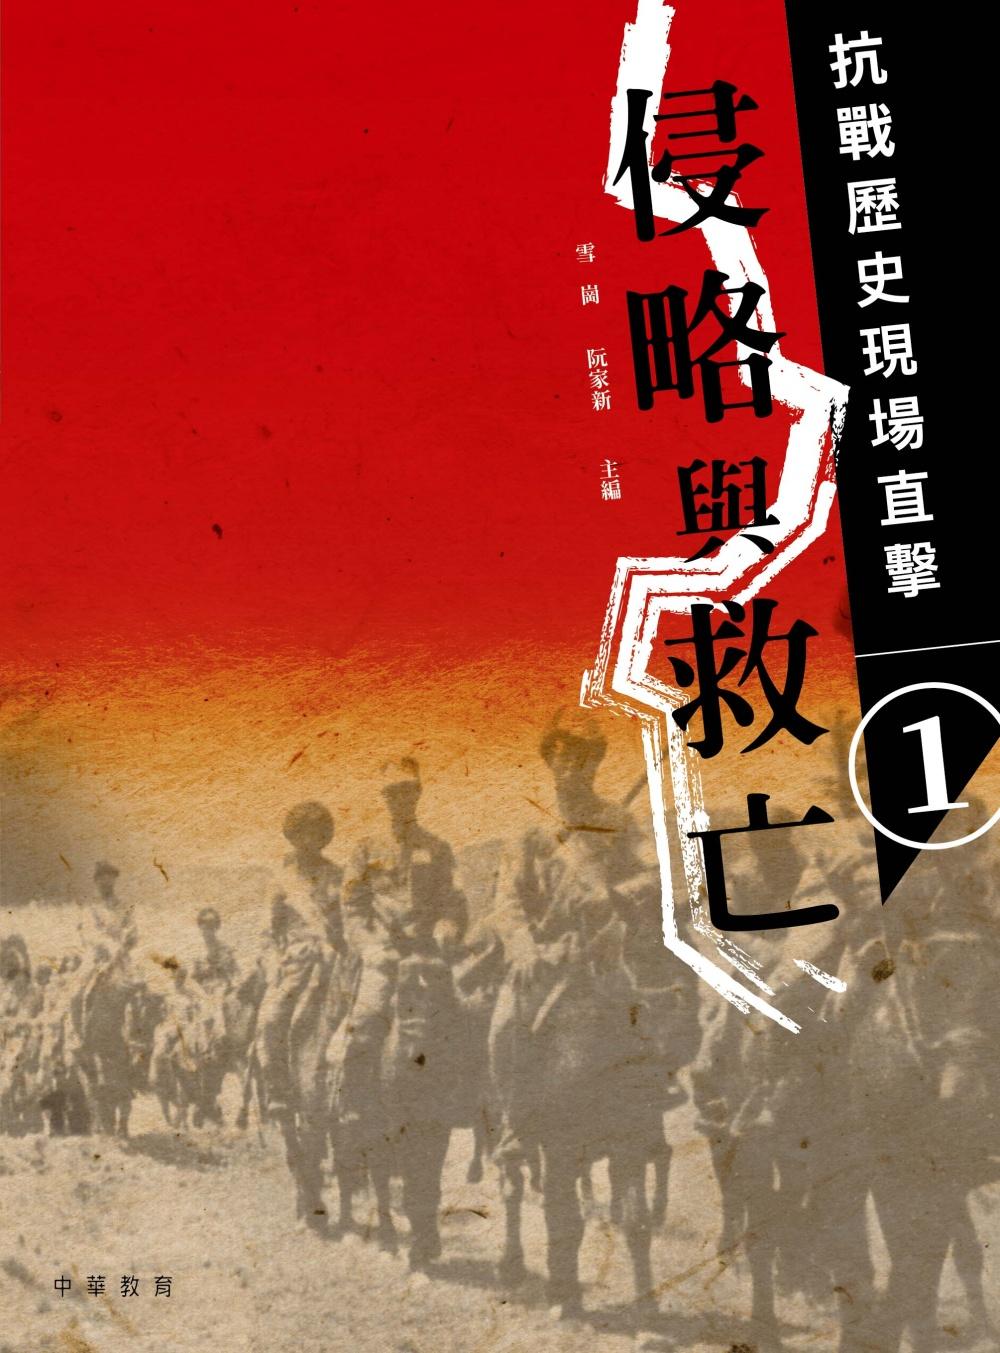 抗戰歷史現場直擊 1:侵略與救亡